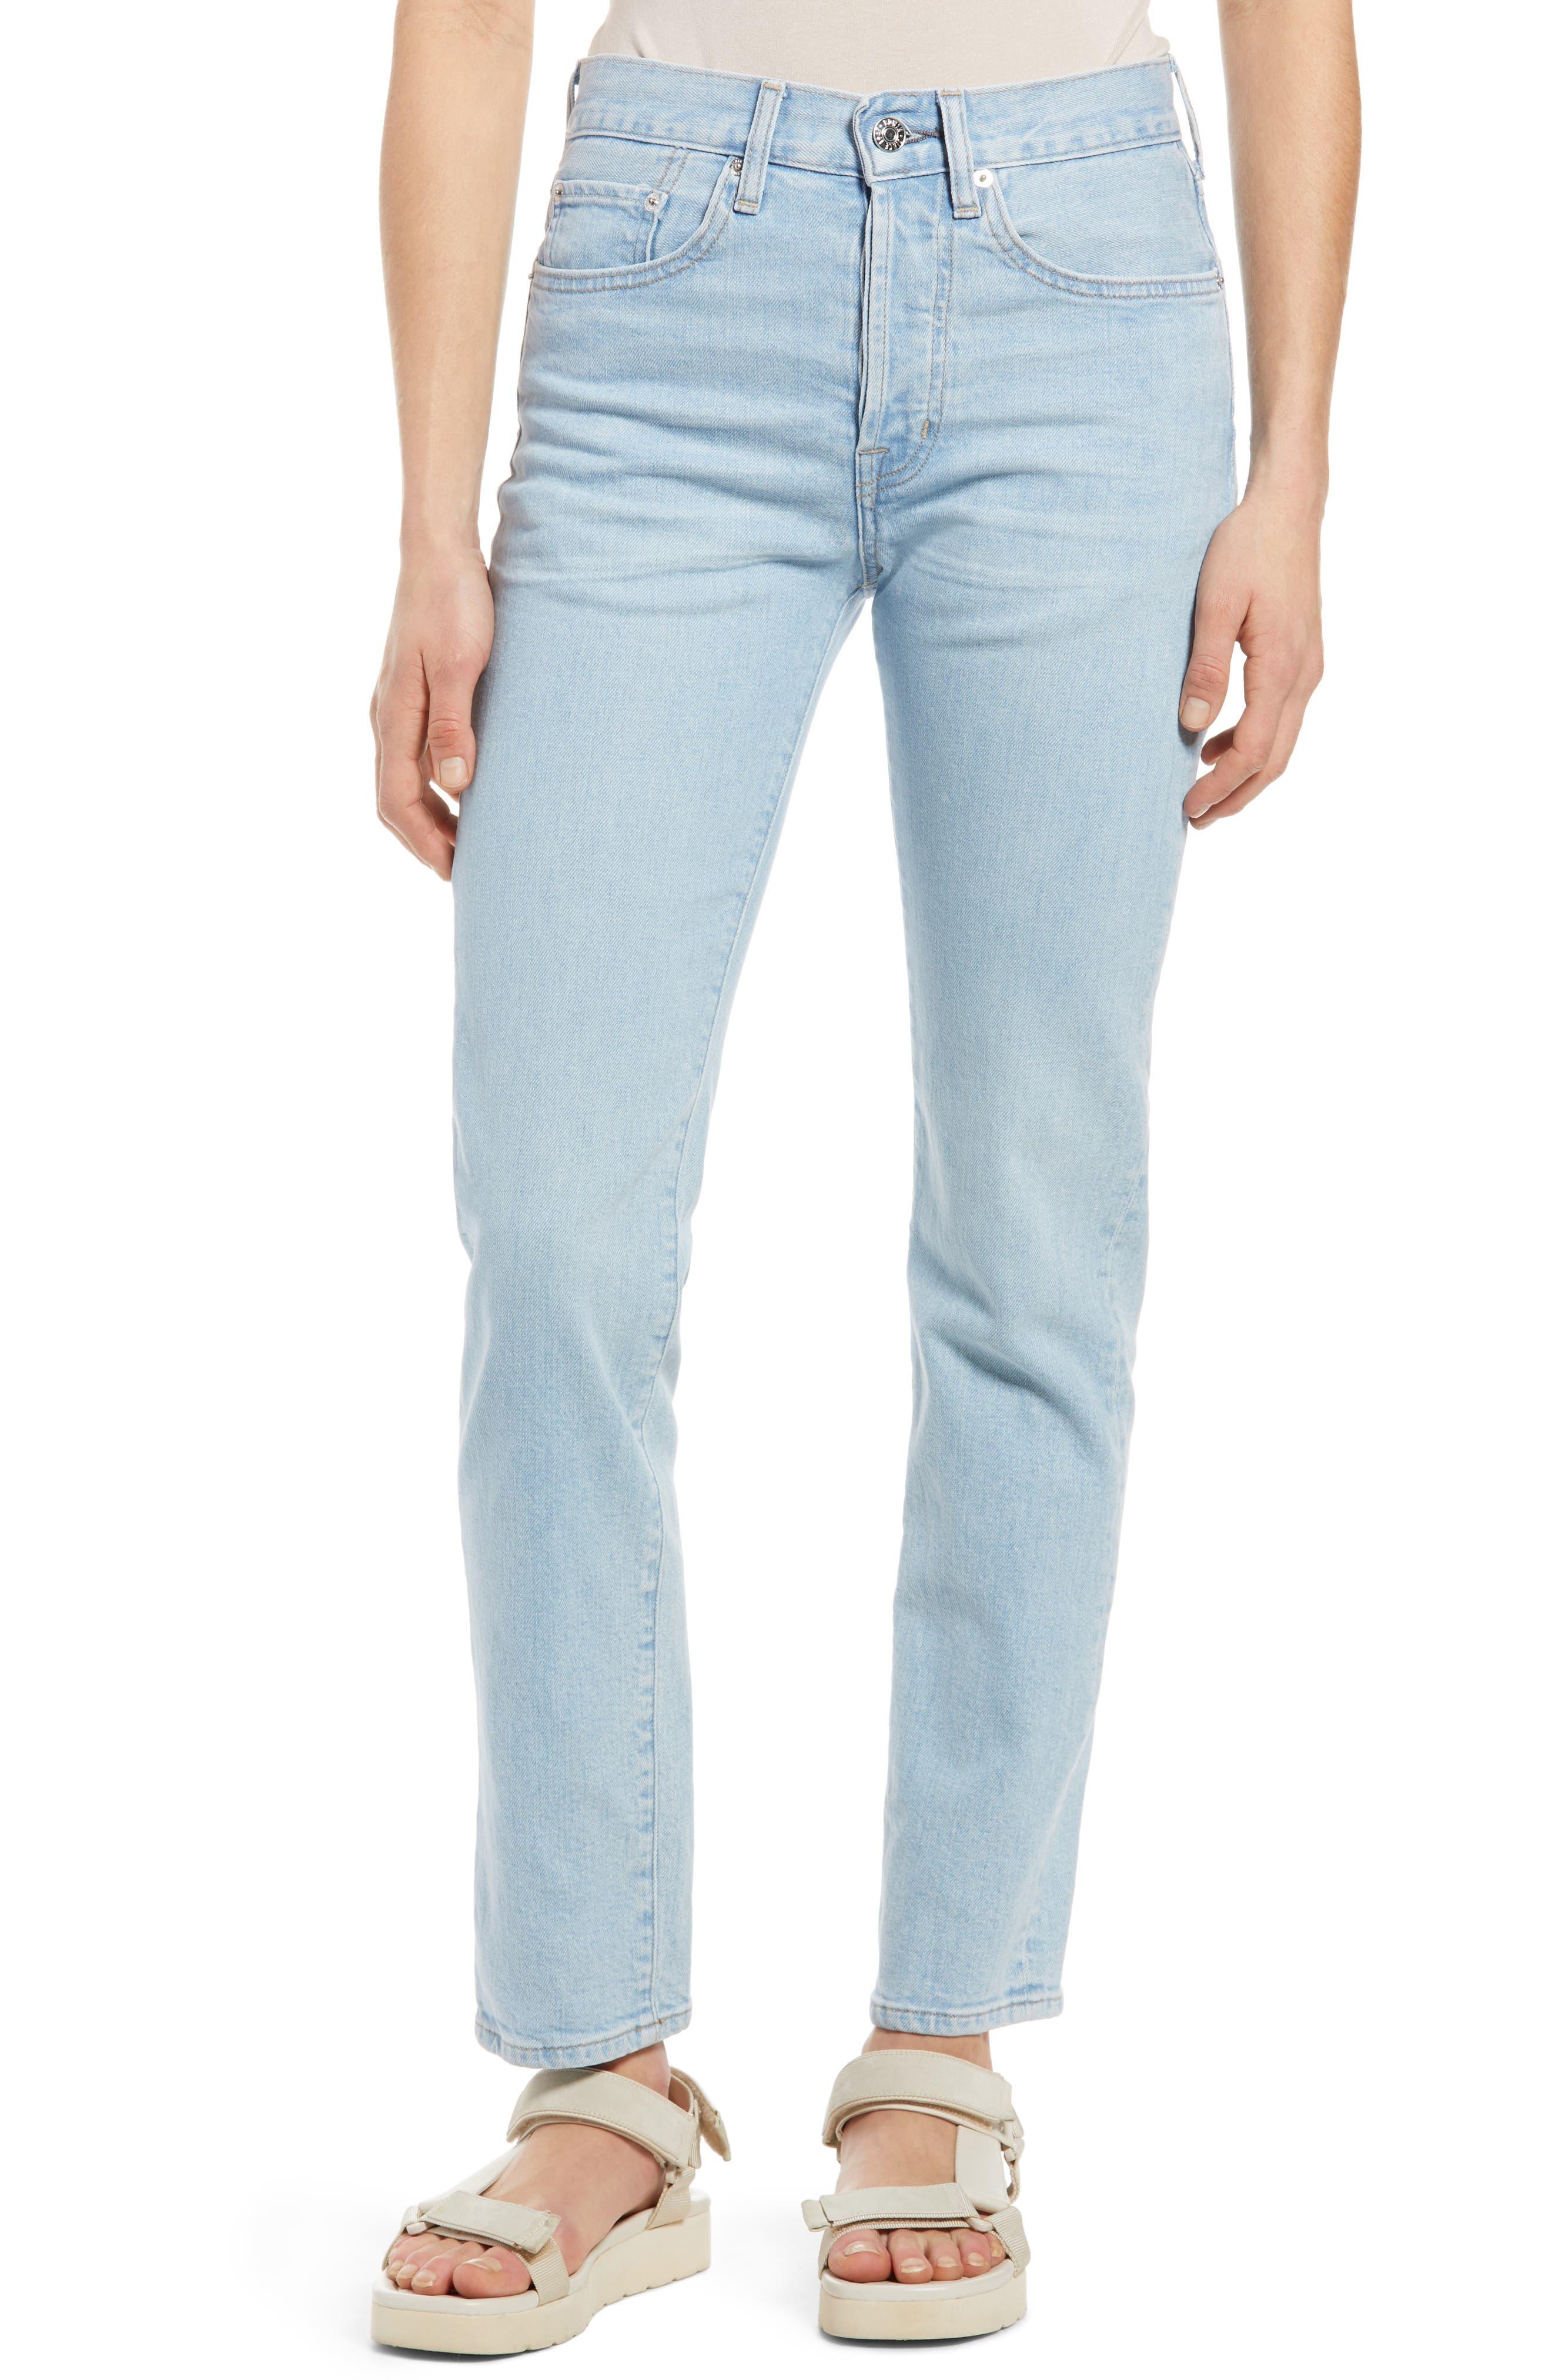 Hana High Waist Ankle Straight Leg Jeans